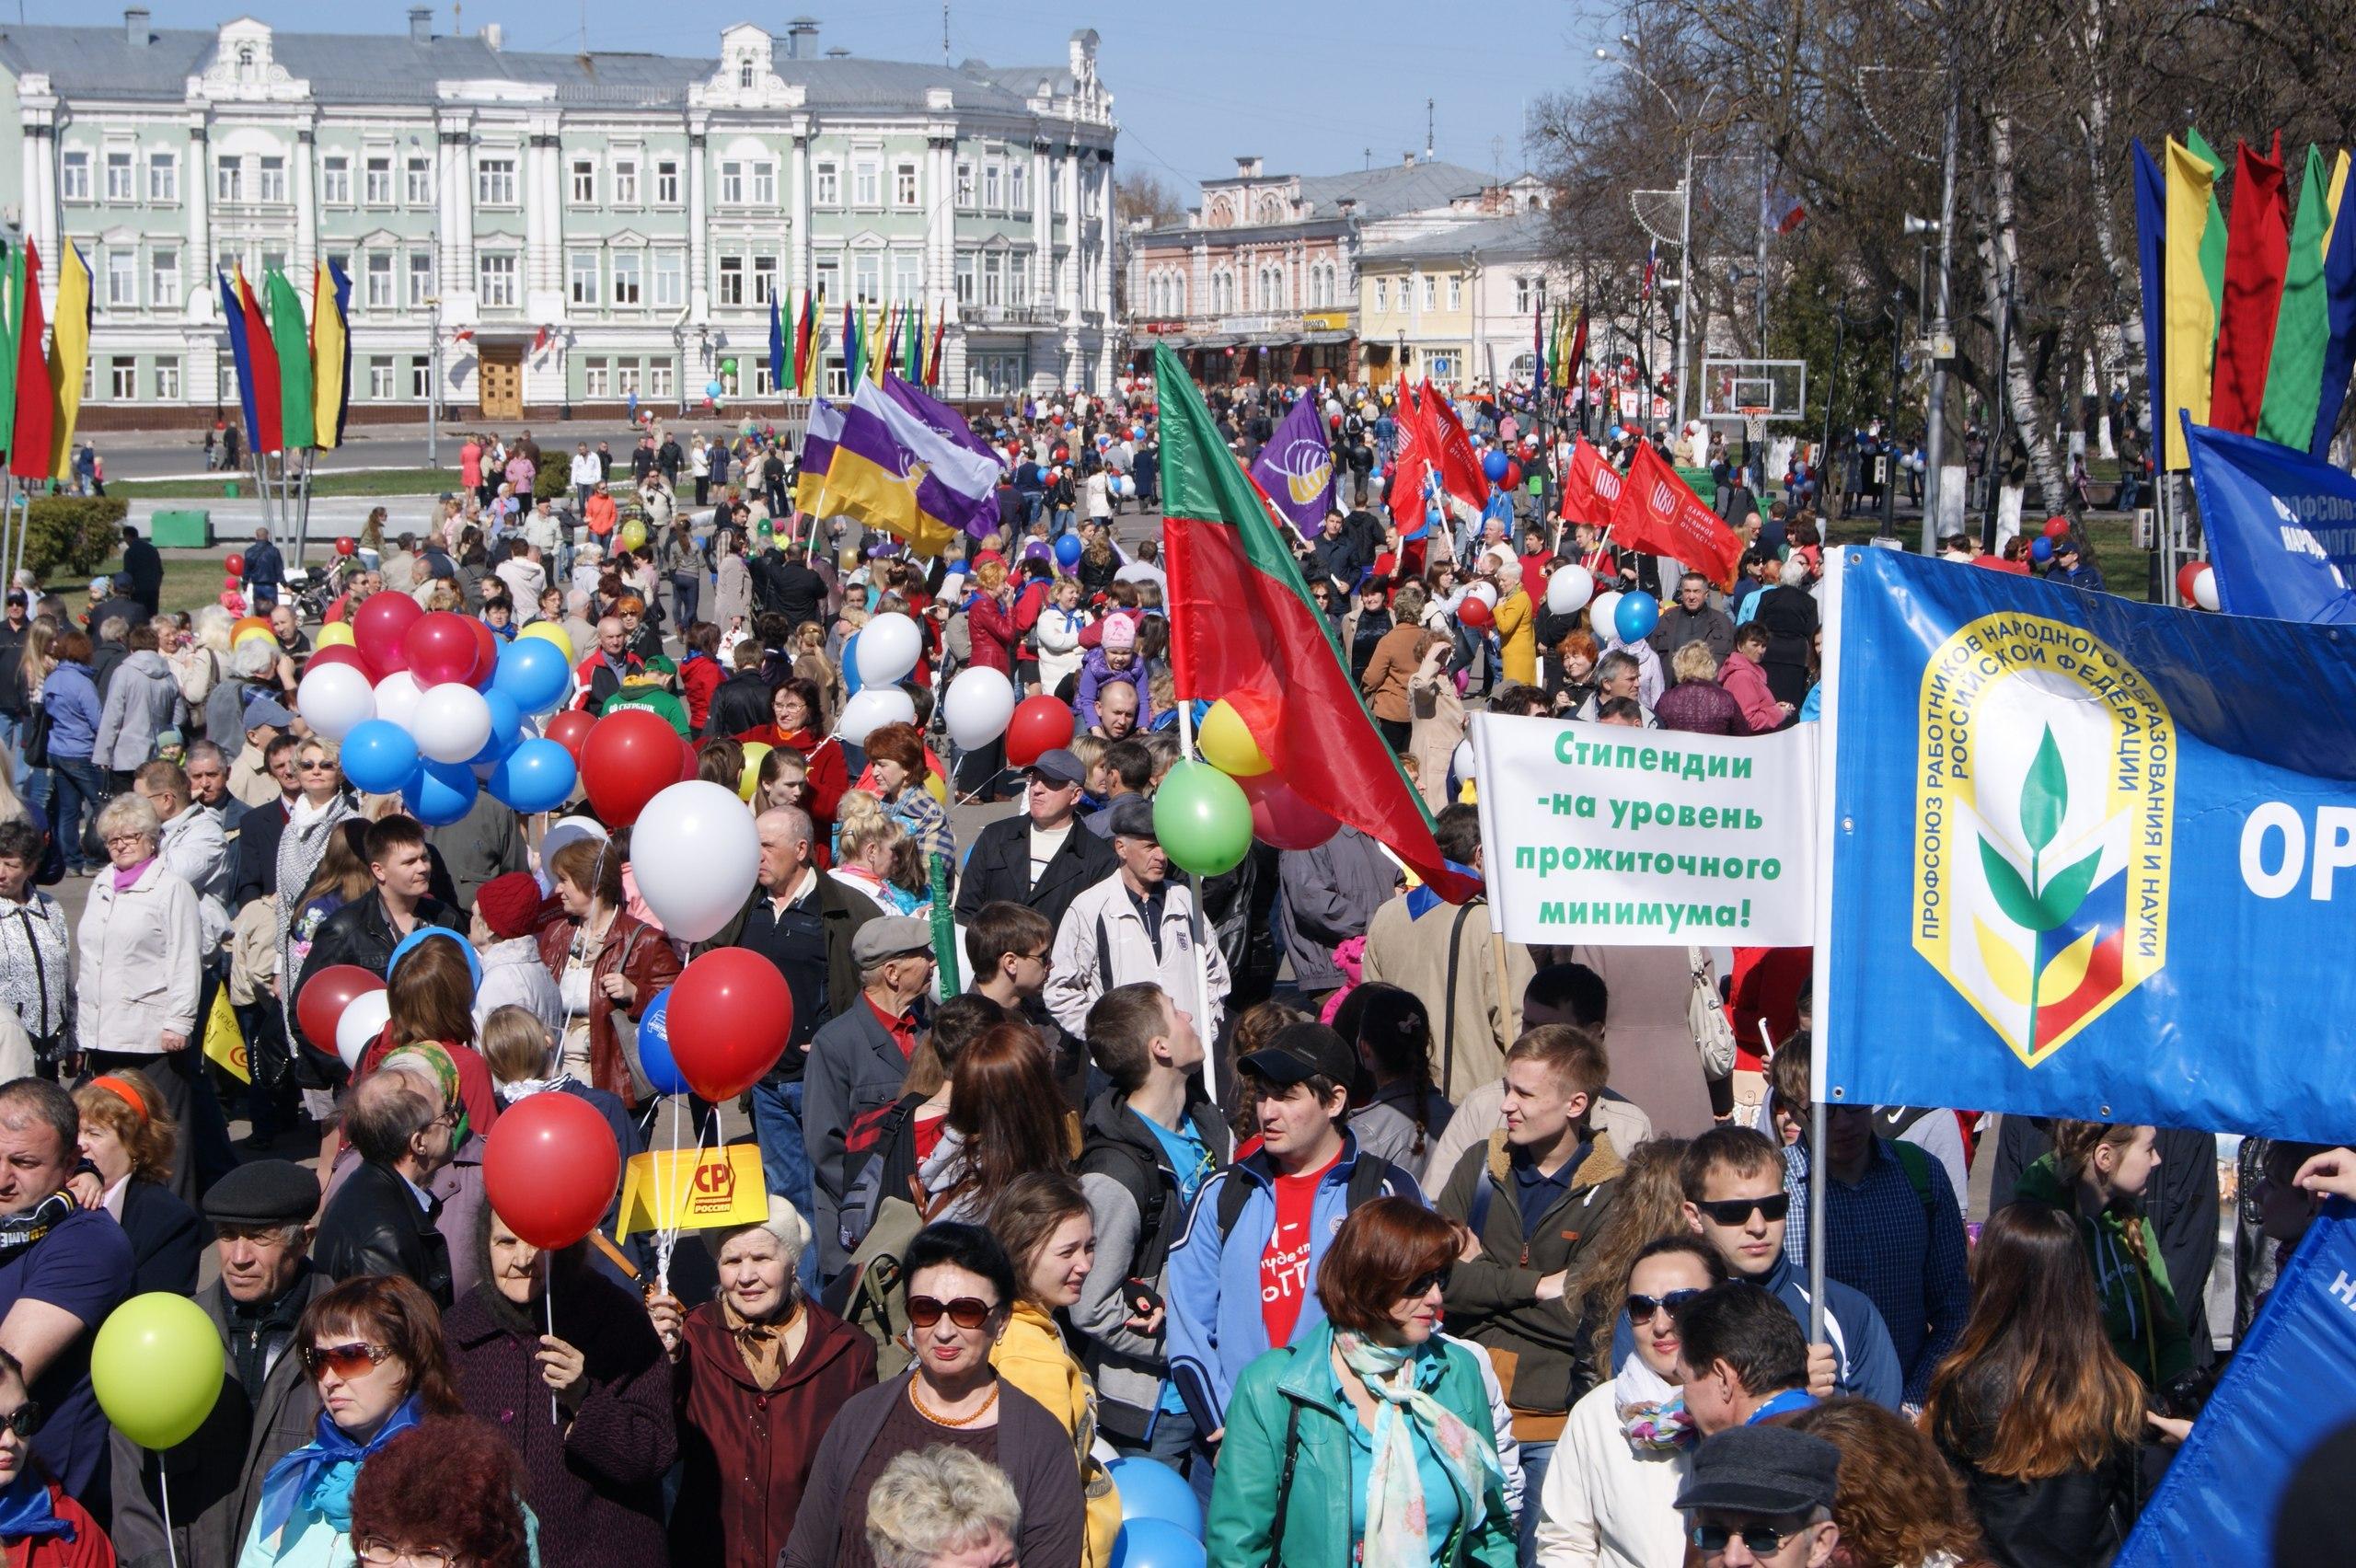 В Вологде участники первомайской демонстрации обратились к Путину